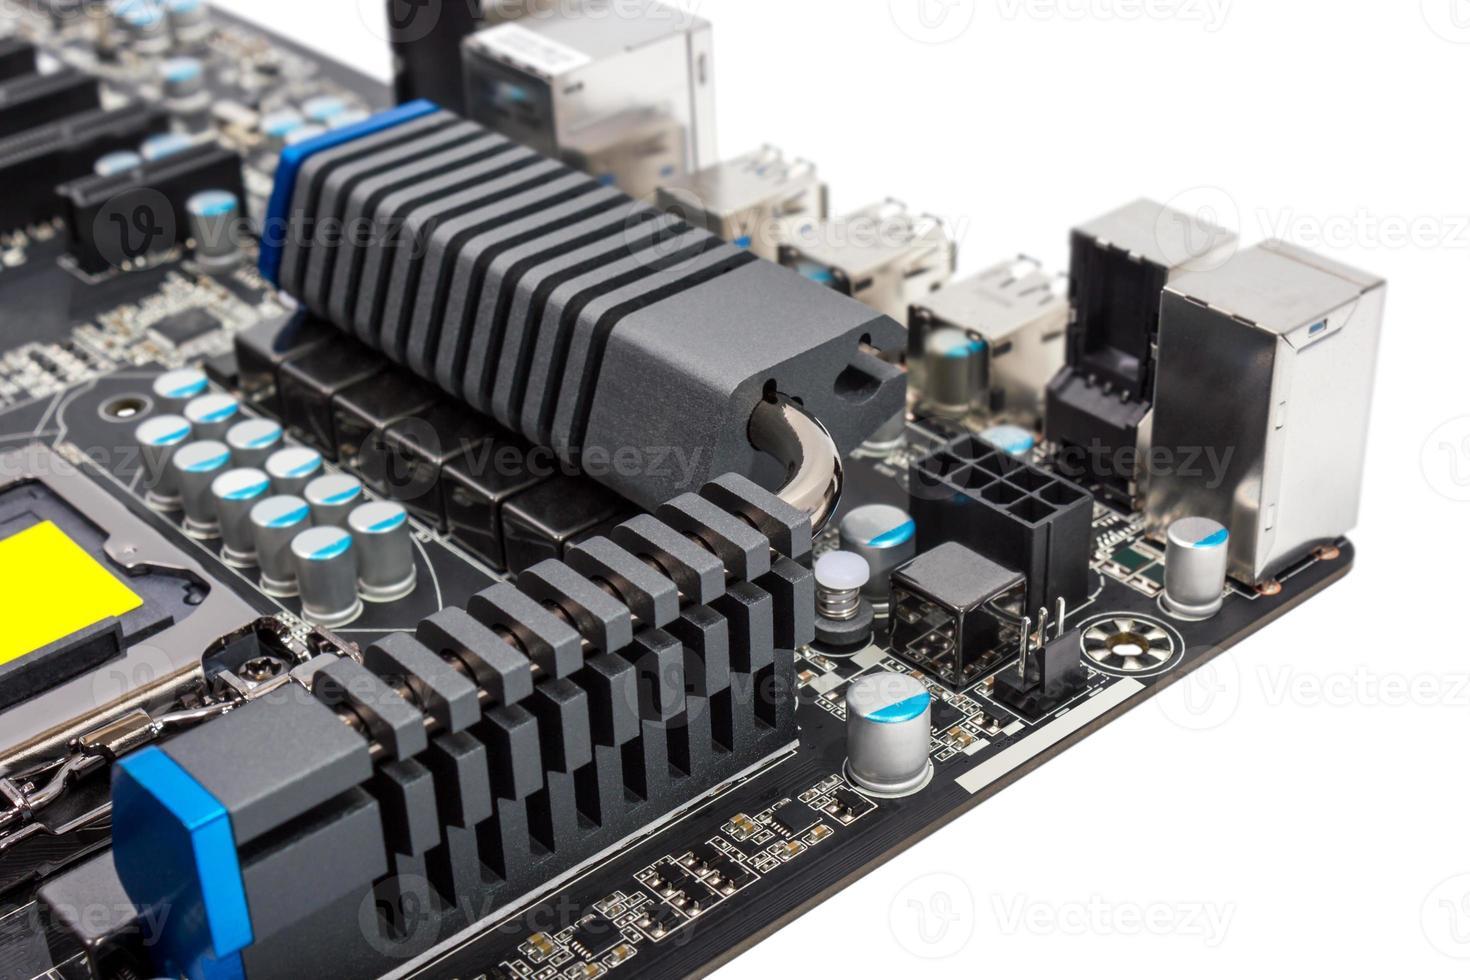 collezione elettronica - processore moderno sistema di alimentazione multifase foto